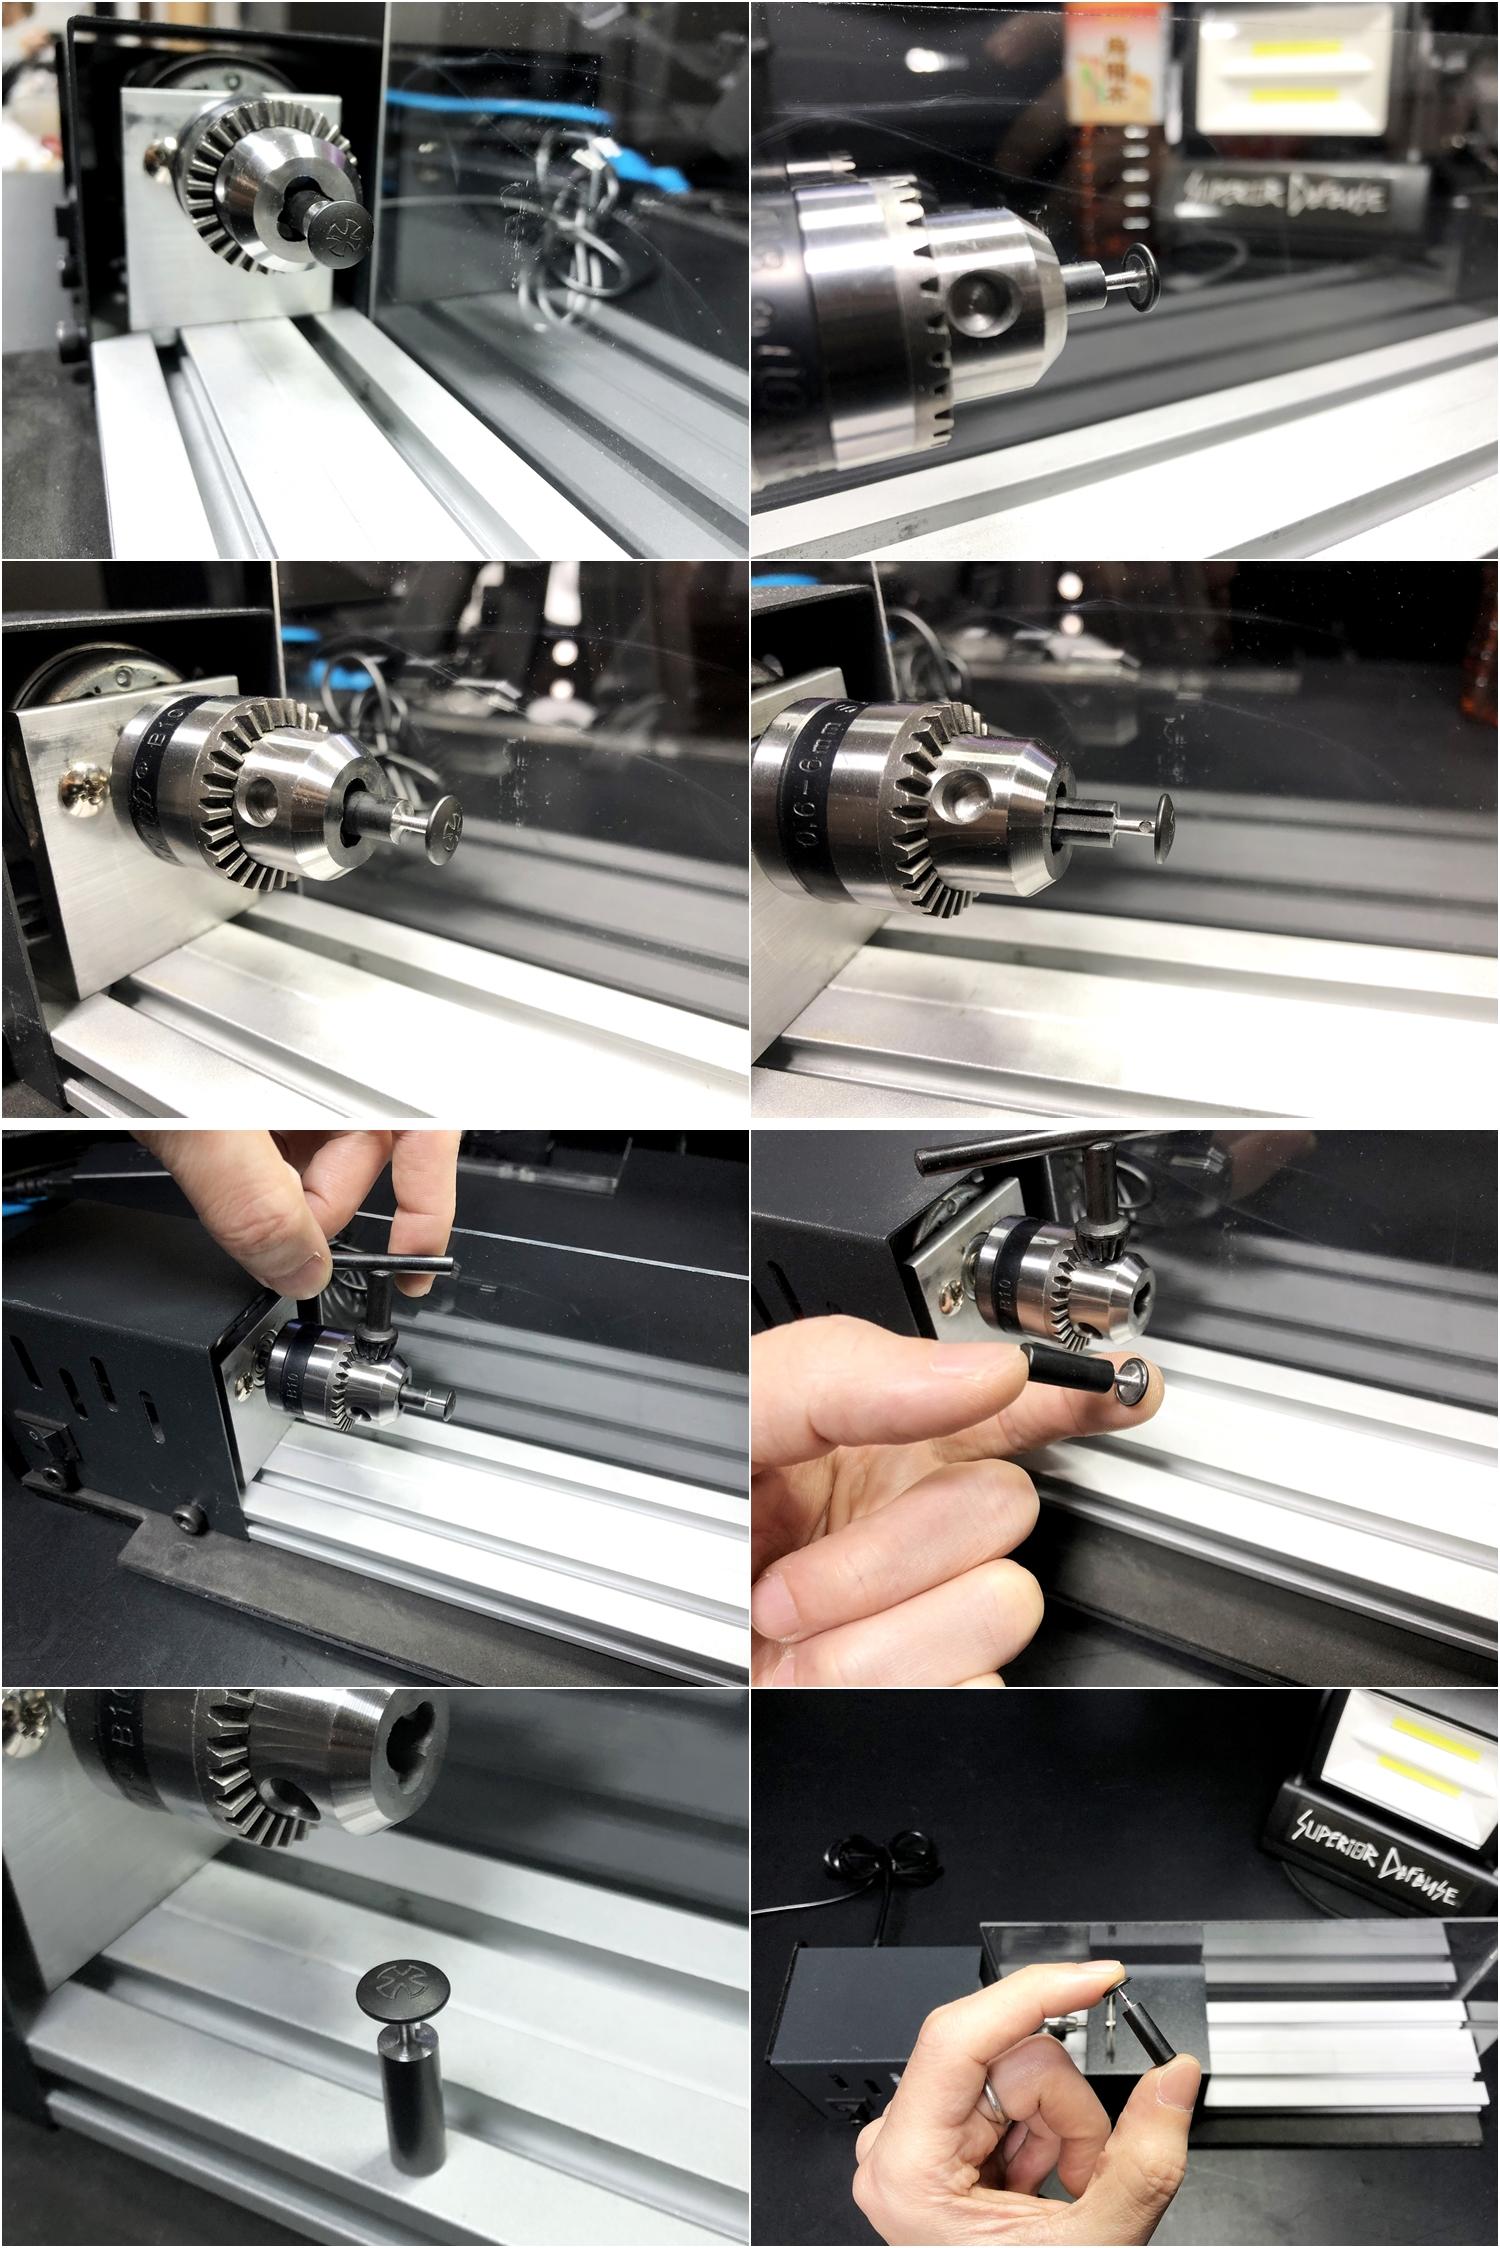 13 実物 NOVESKE AR-15 TAKEDOWN & PIVOT STEEL PIN!! 実物ピンを次世代M4へ対応させるべく簡易的DIY加工だ!ノベスケ ノベスキー スチール テイクダウン ピポッドピン! DIY 加工 カスタム 簡易的 旋盤加工 取付 レビ